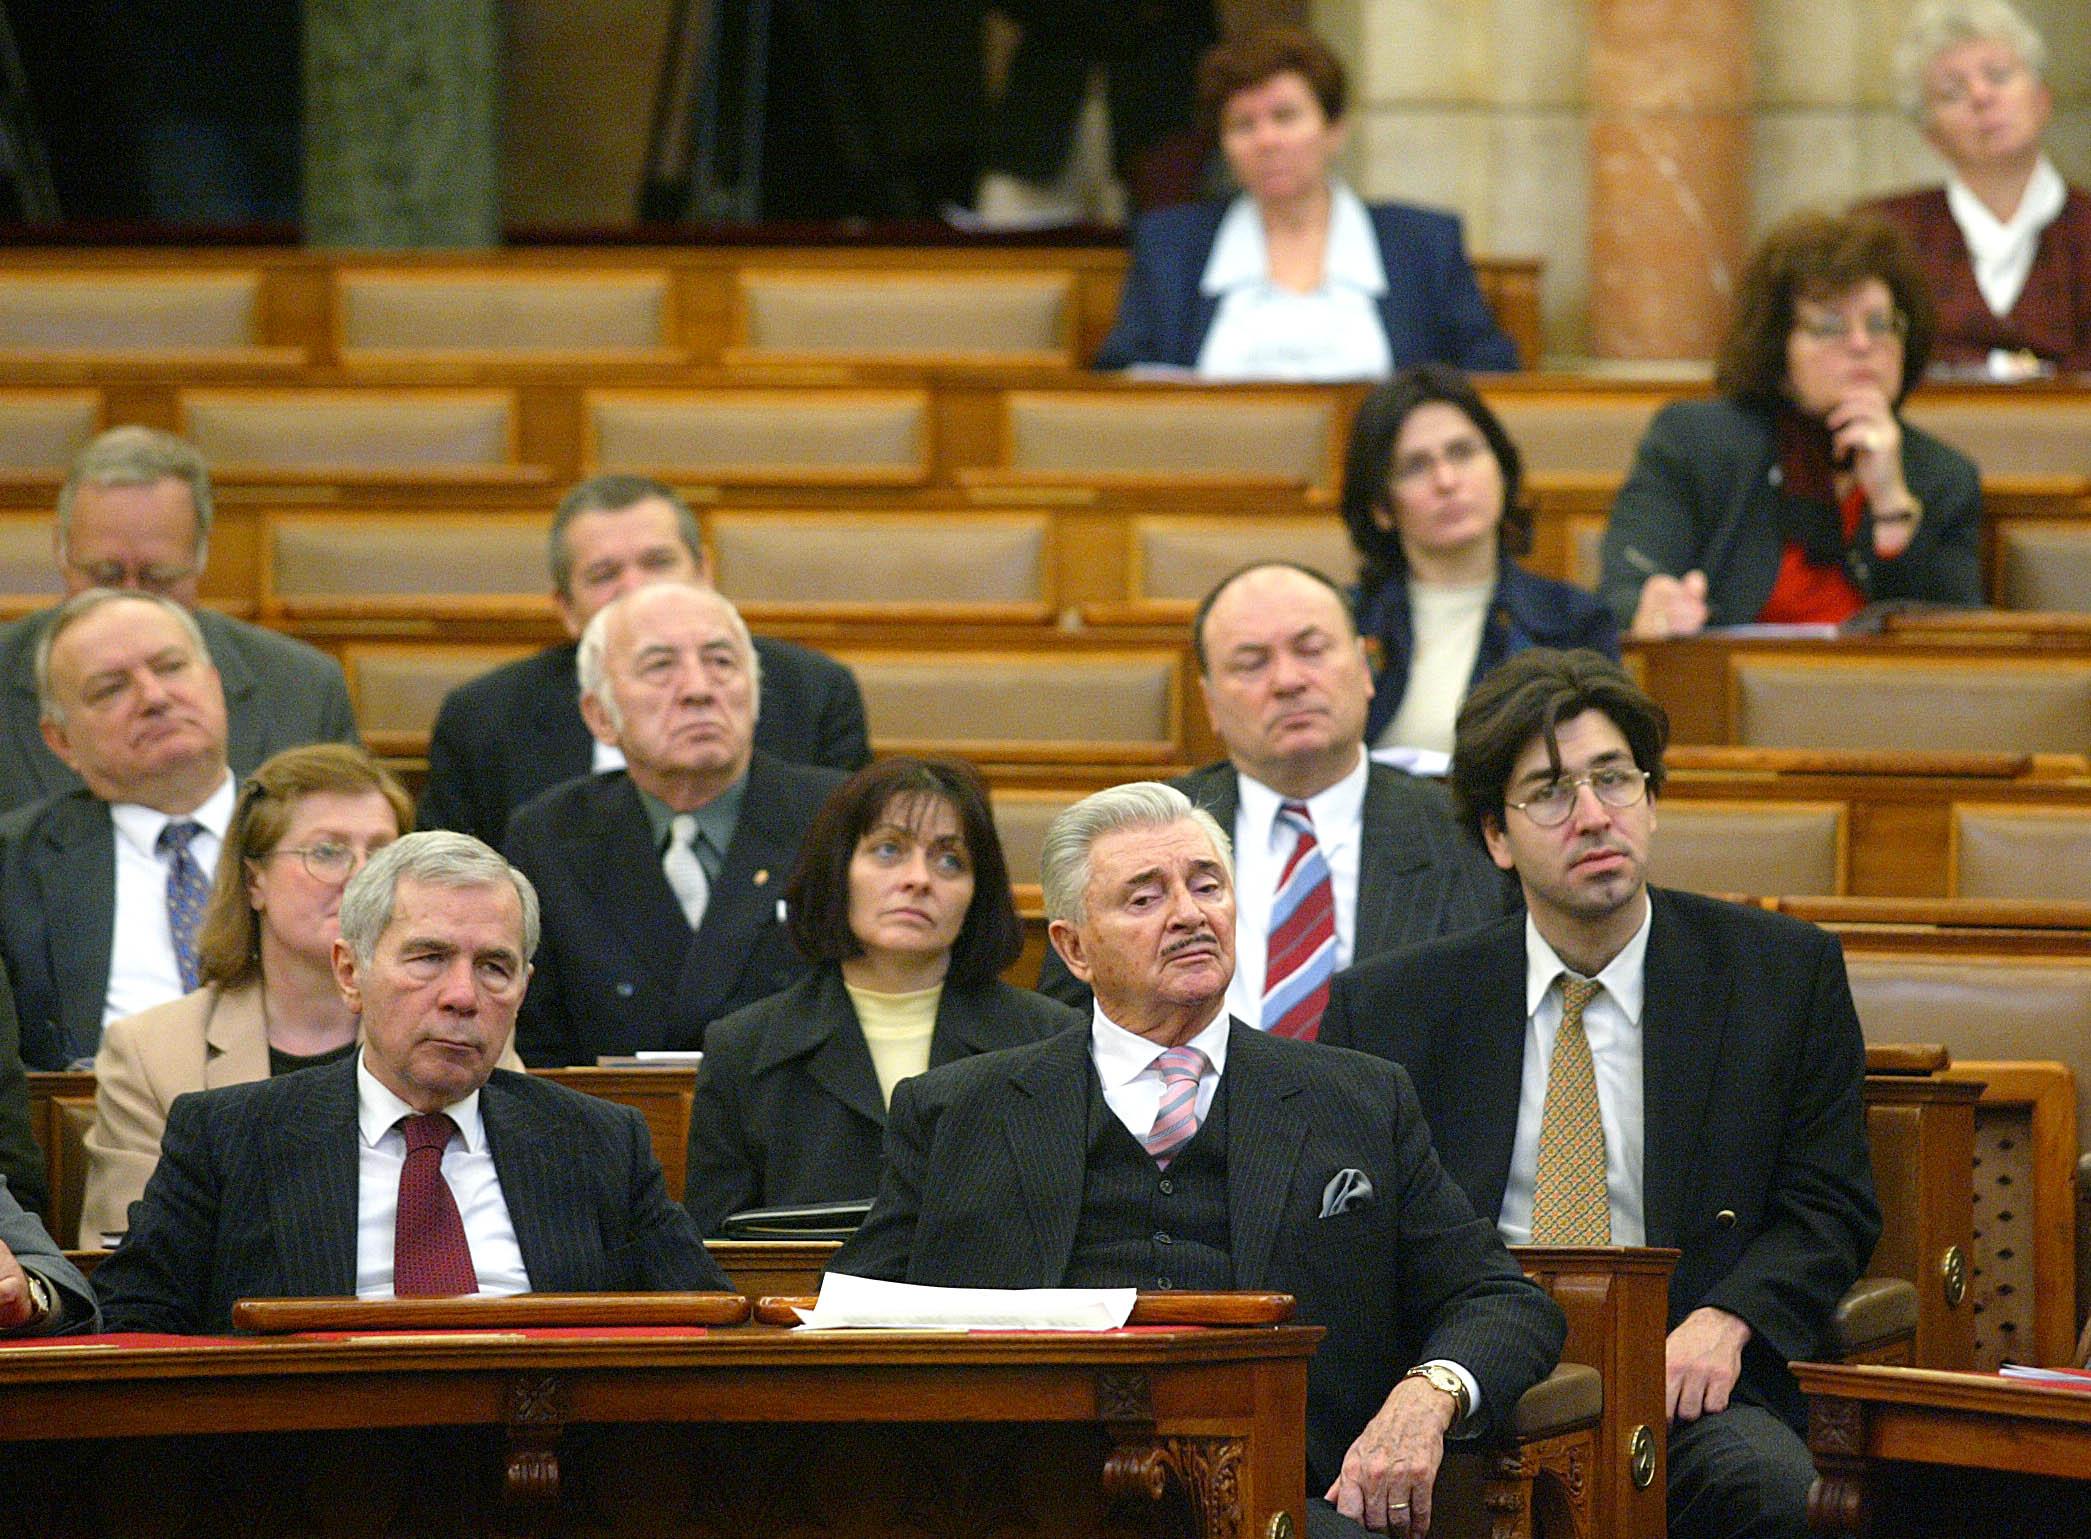 A Dialóg az iskolában, az oktatásban, a társadalomban címû nemzetközi konferenciát a Parlament Kongresszusi termében rendezték meg. A képen: Horn Gyula volt miniszterelnök (b) és Josef von Ferenczy, az Európai Párbeszéd Alapítvány tiszteletbeli elnöke / Fotó: MTI